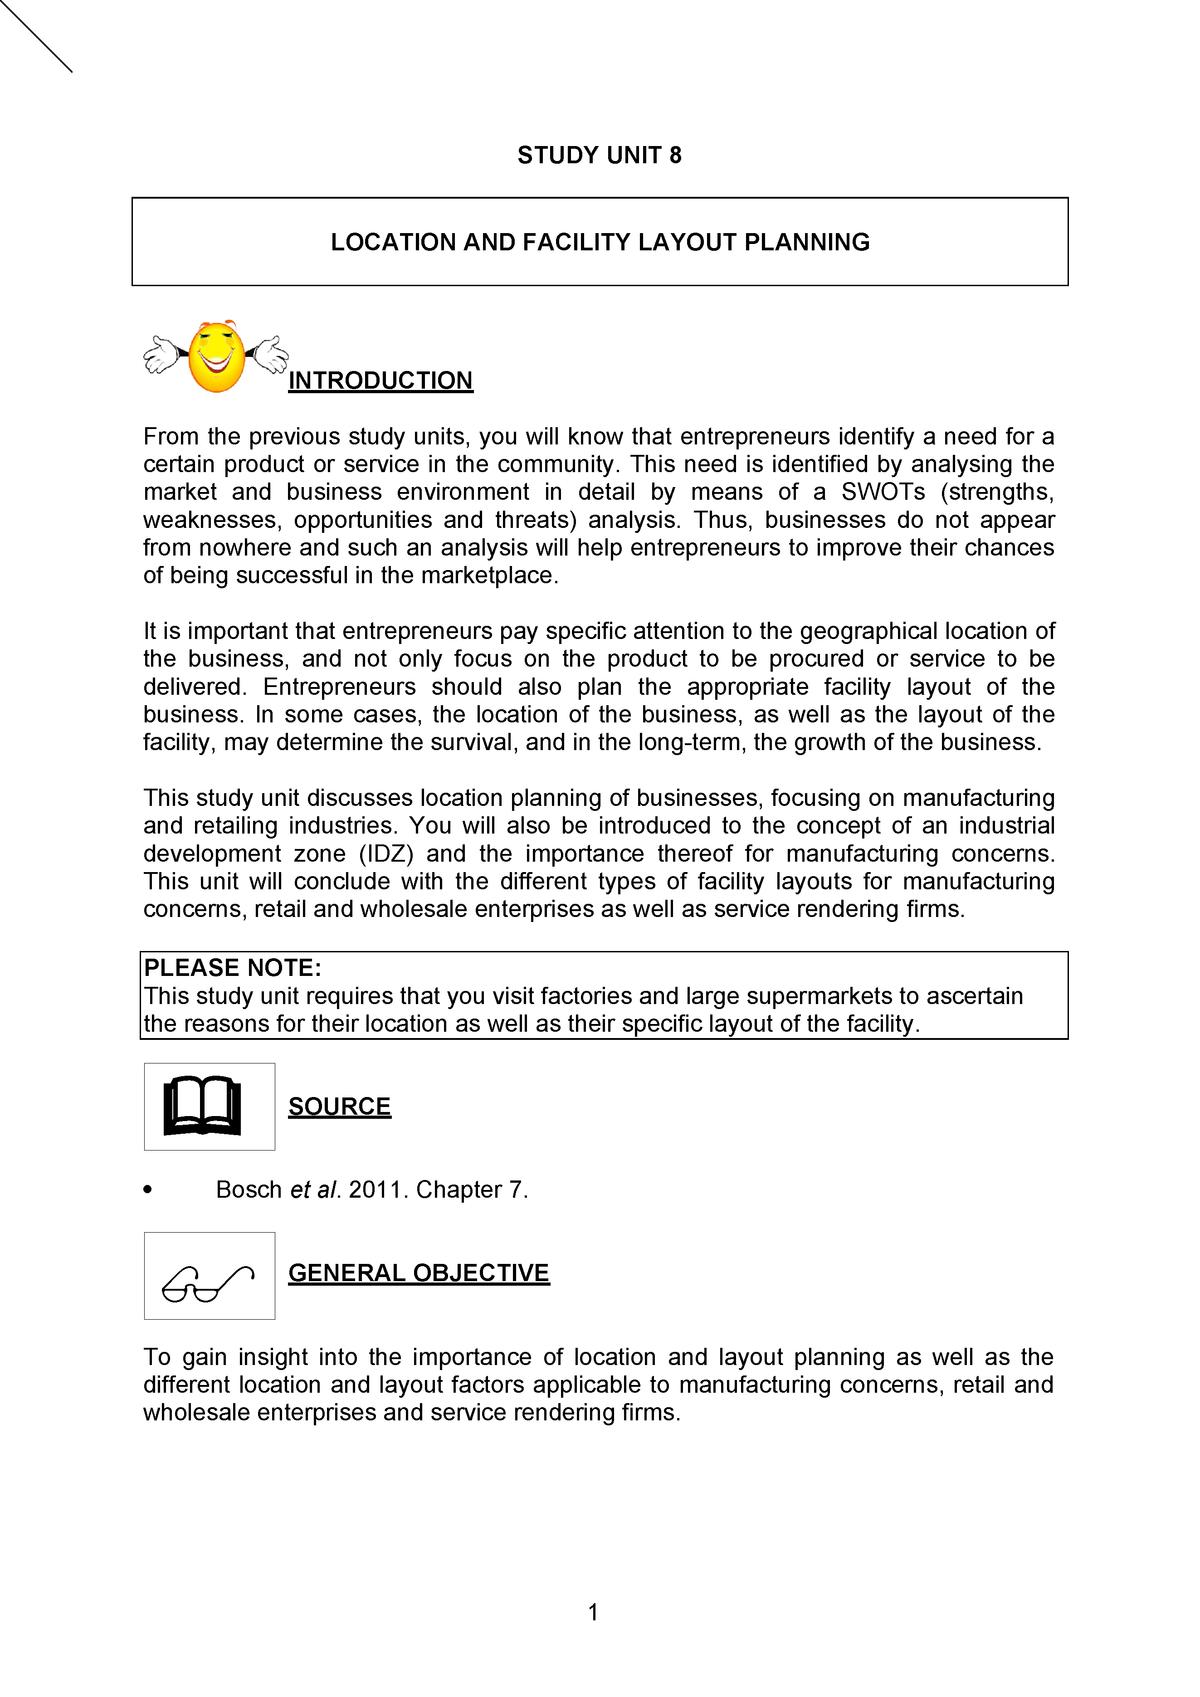 Study Guide SU8 - EB101 - StuDocu